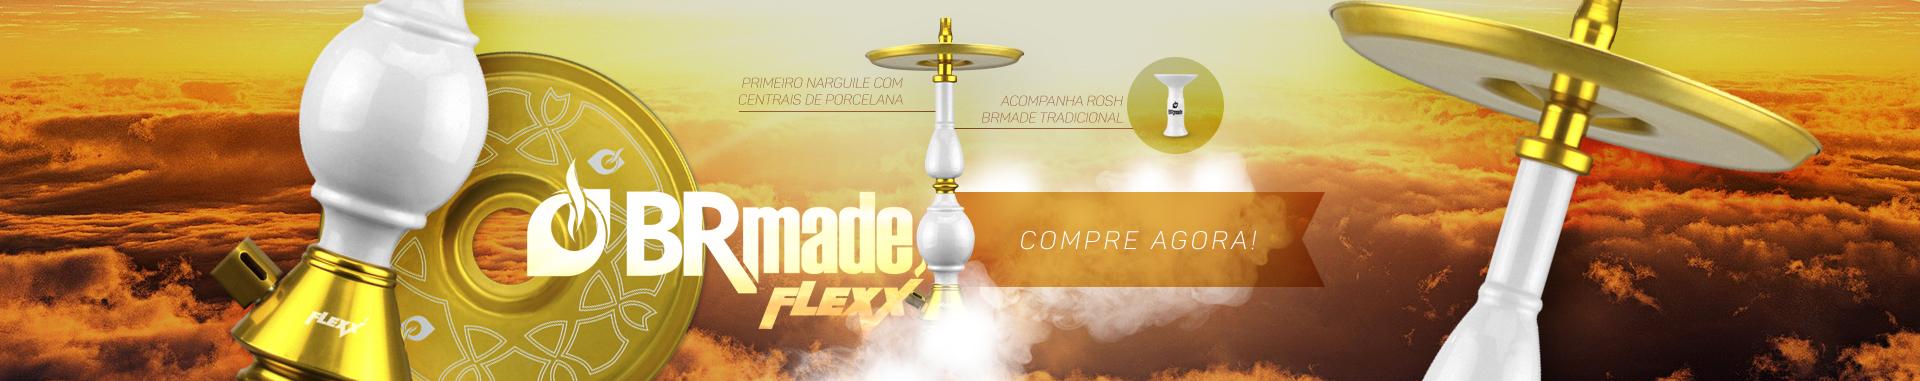 Brmade Flexx